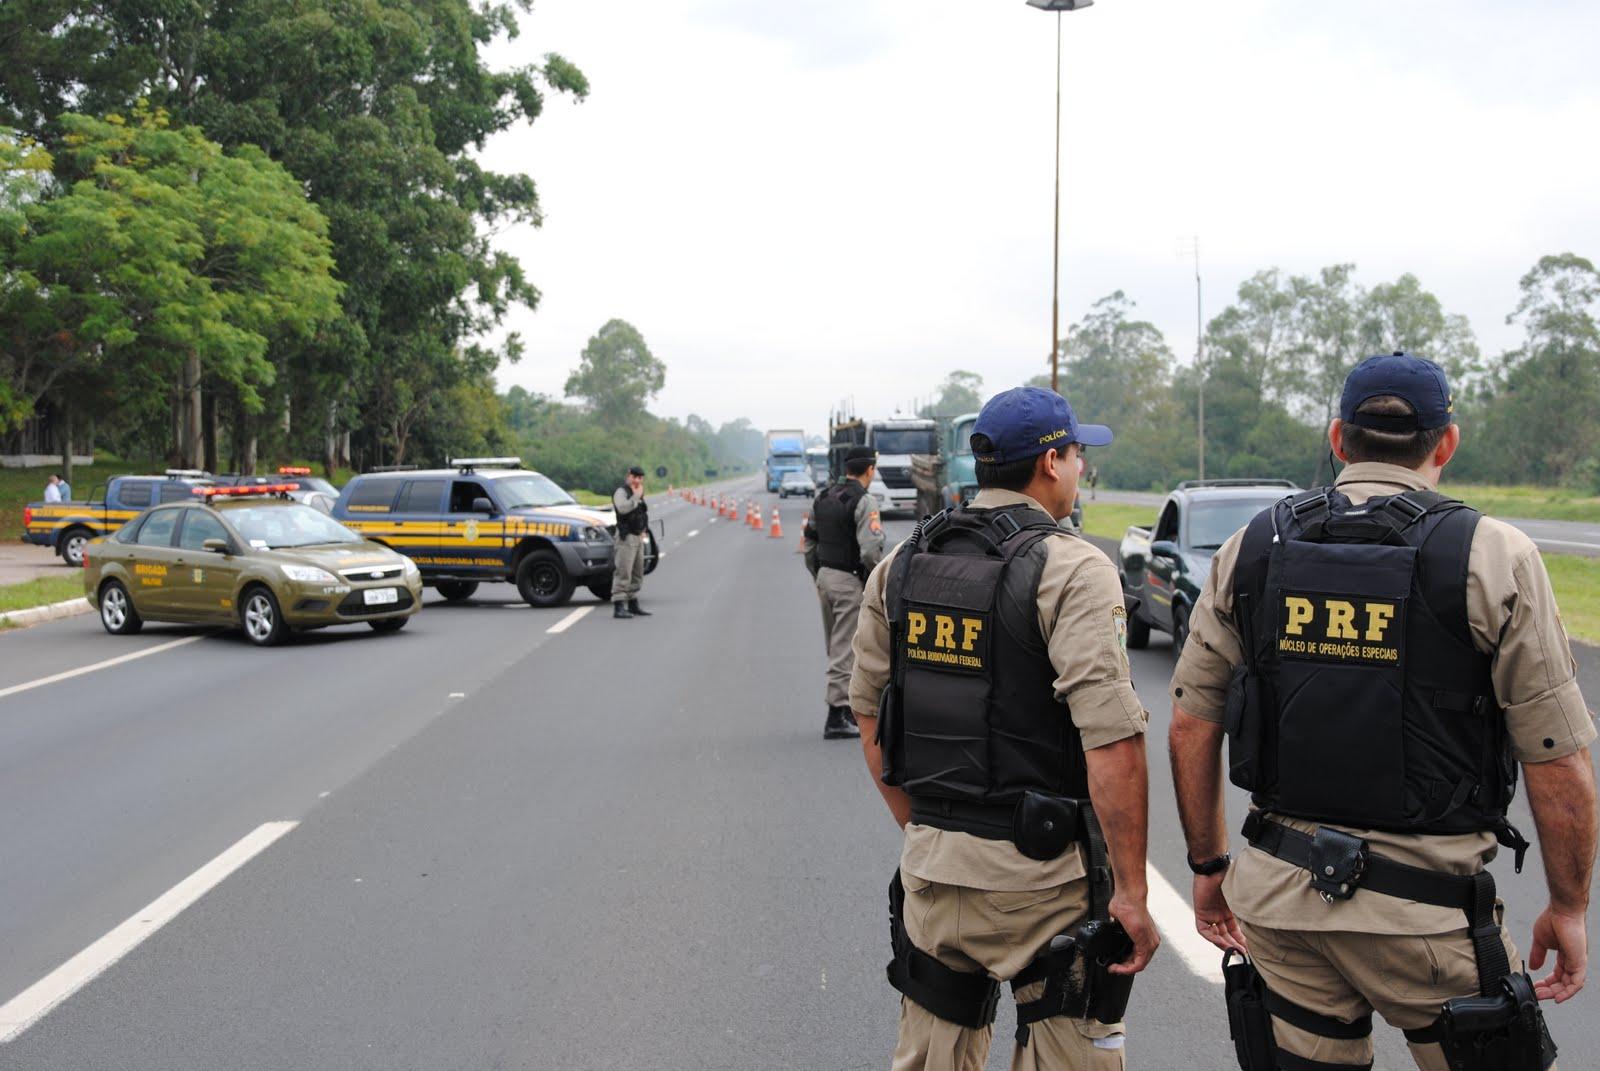 PRF apreende 50 ônibus coletivos das empresas Guanabara e Oceano por irregularidades